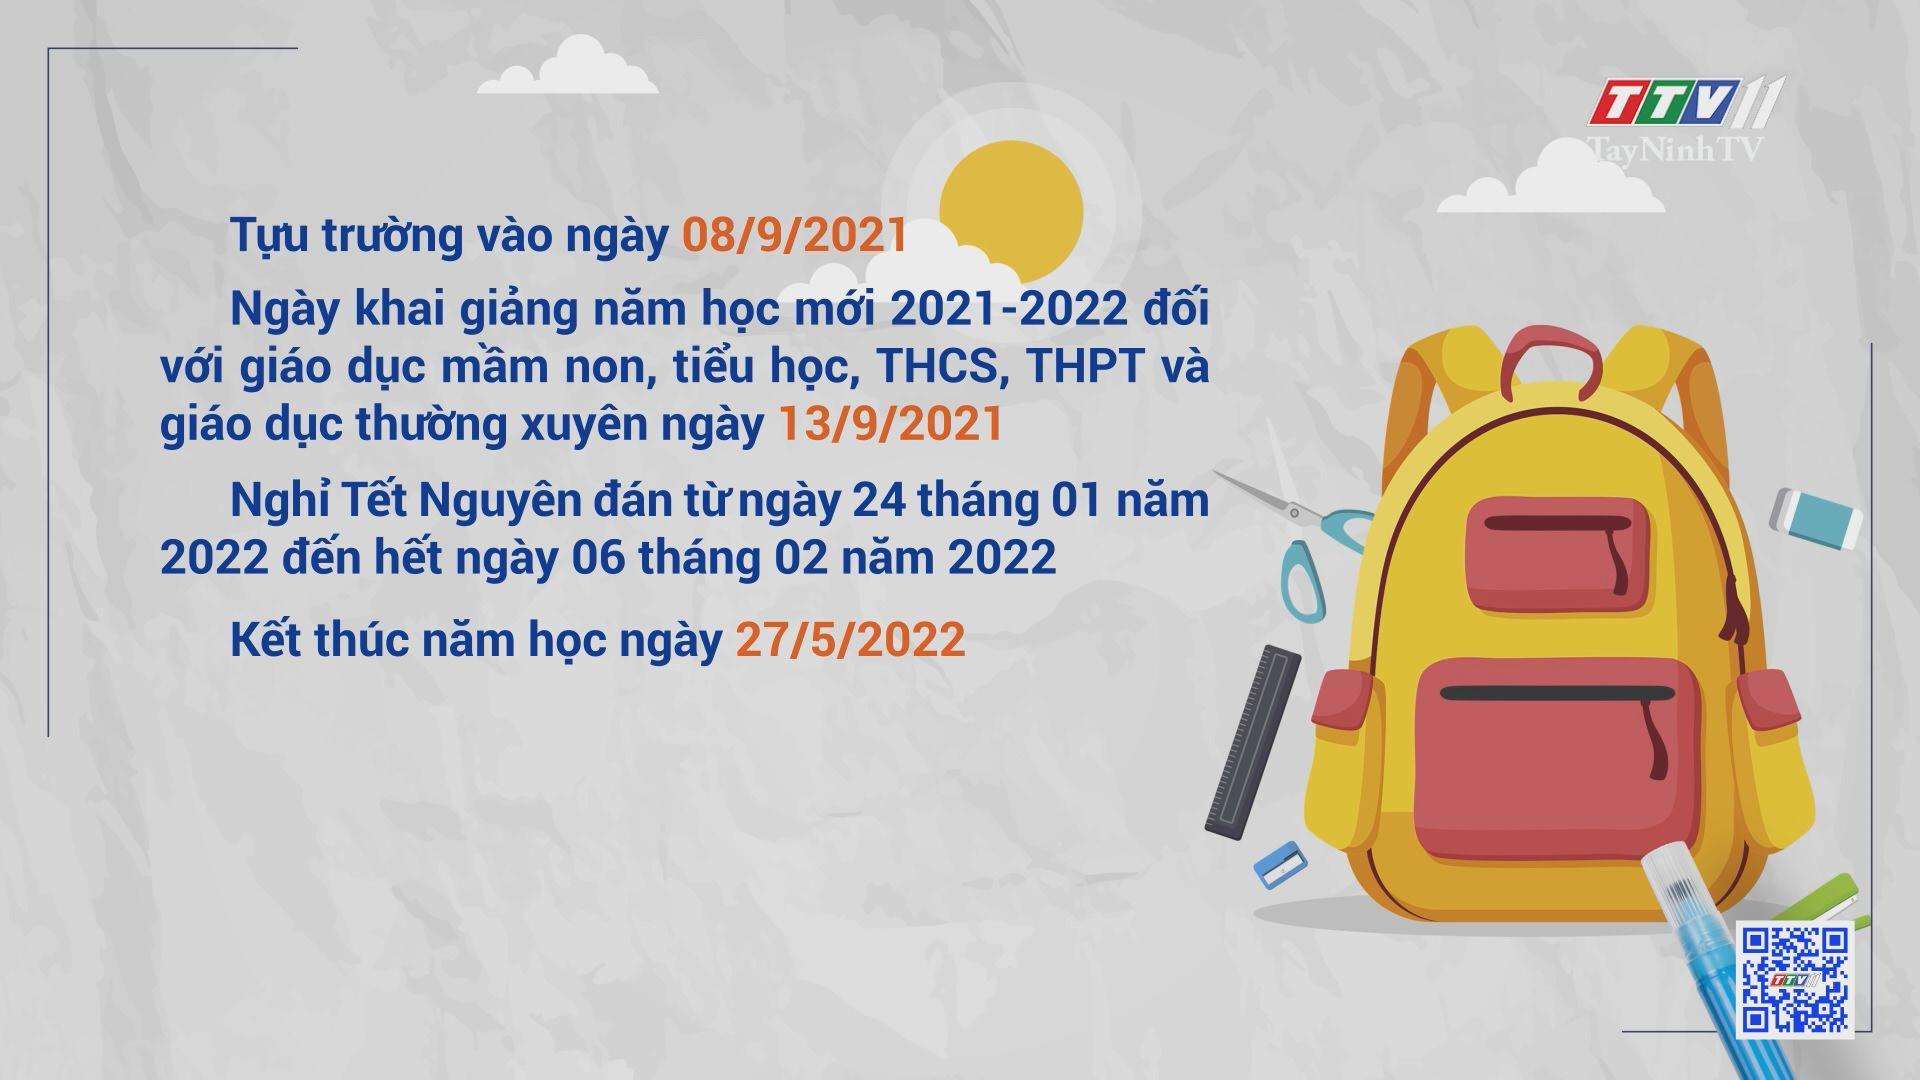 Tây Ninh chính thức ban hành khung kế hoạch thời gian năm học 2021 – 2022 | TayNinhTV